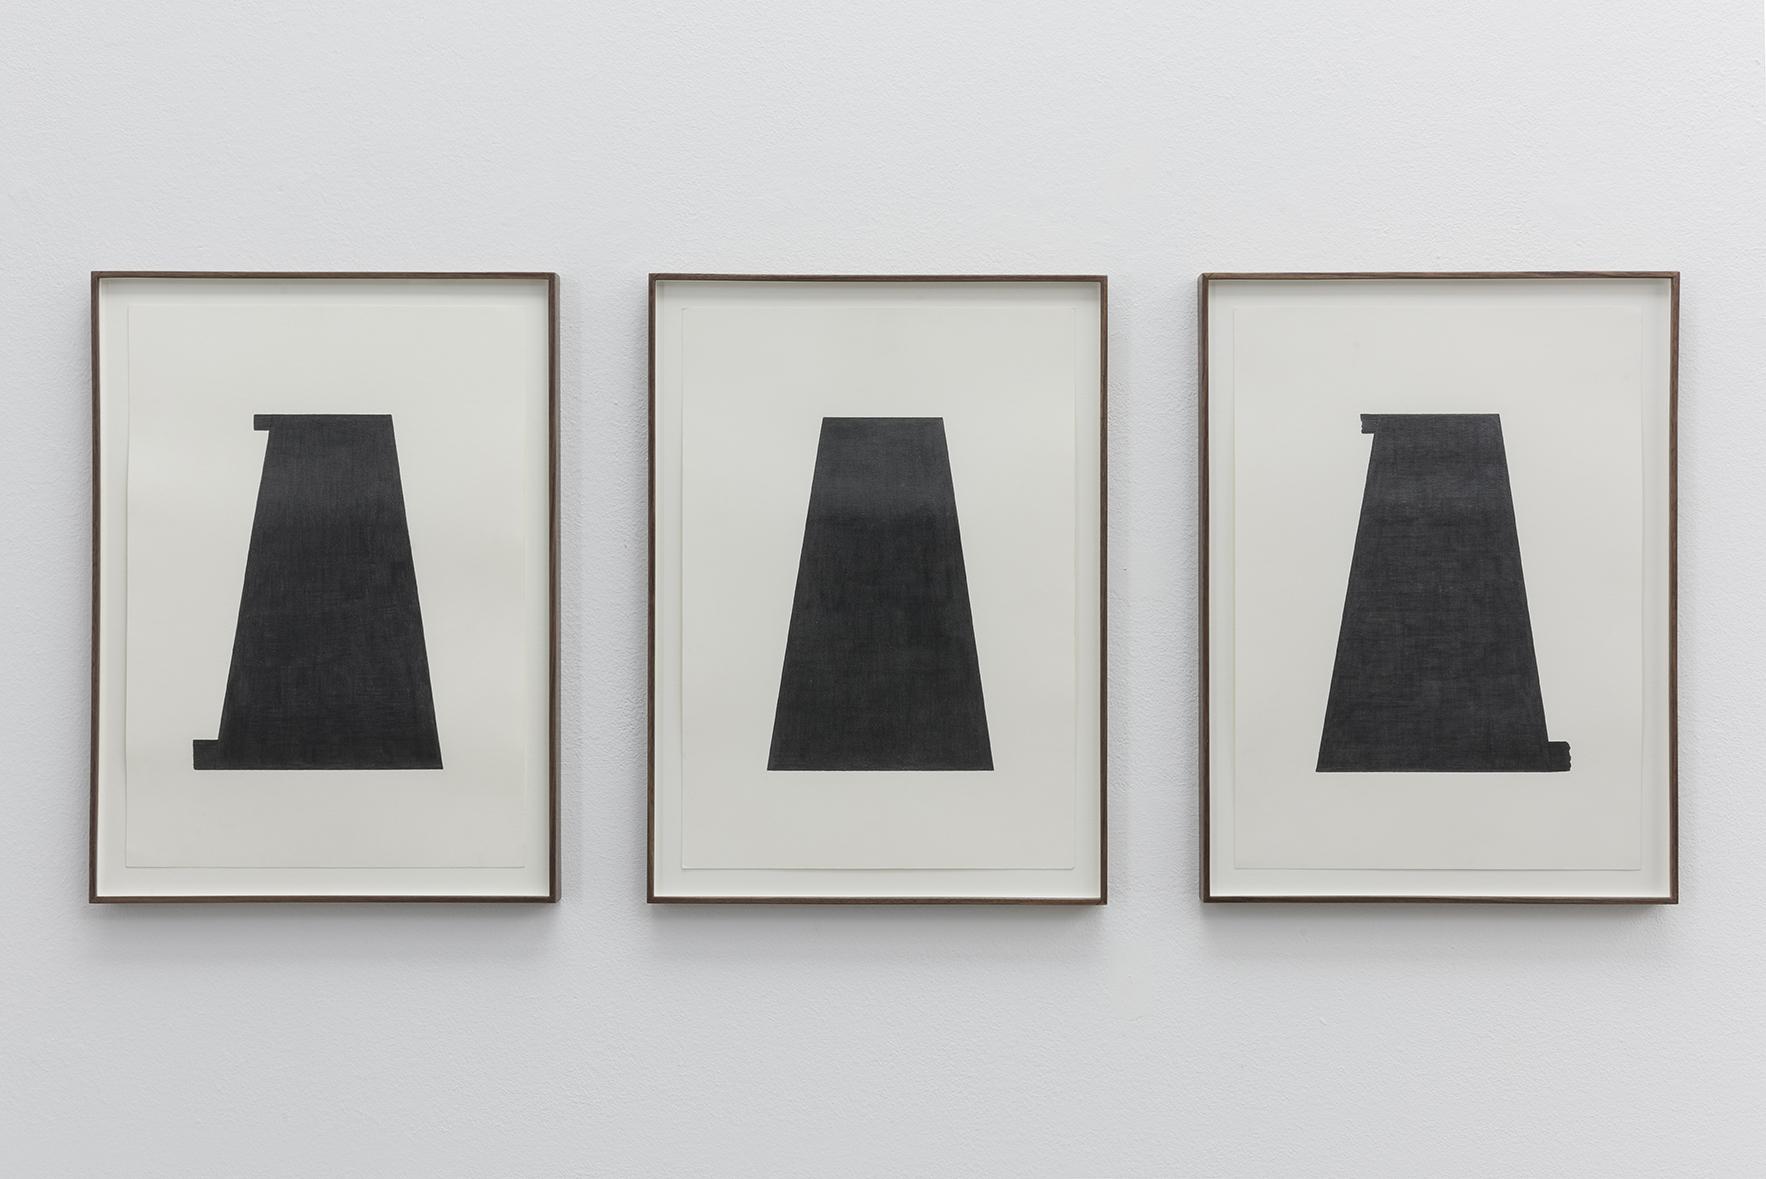 C = M, 2015 | La Vida Abstracta de Billy Murcia | ProjecteSD